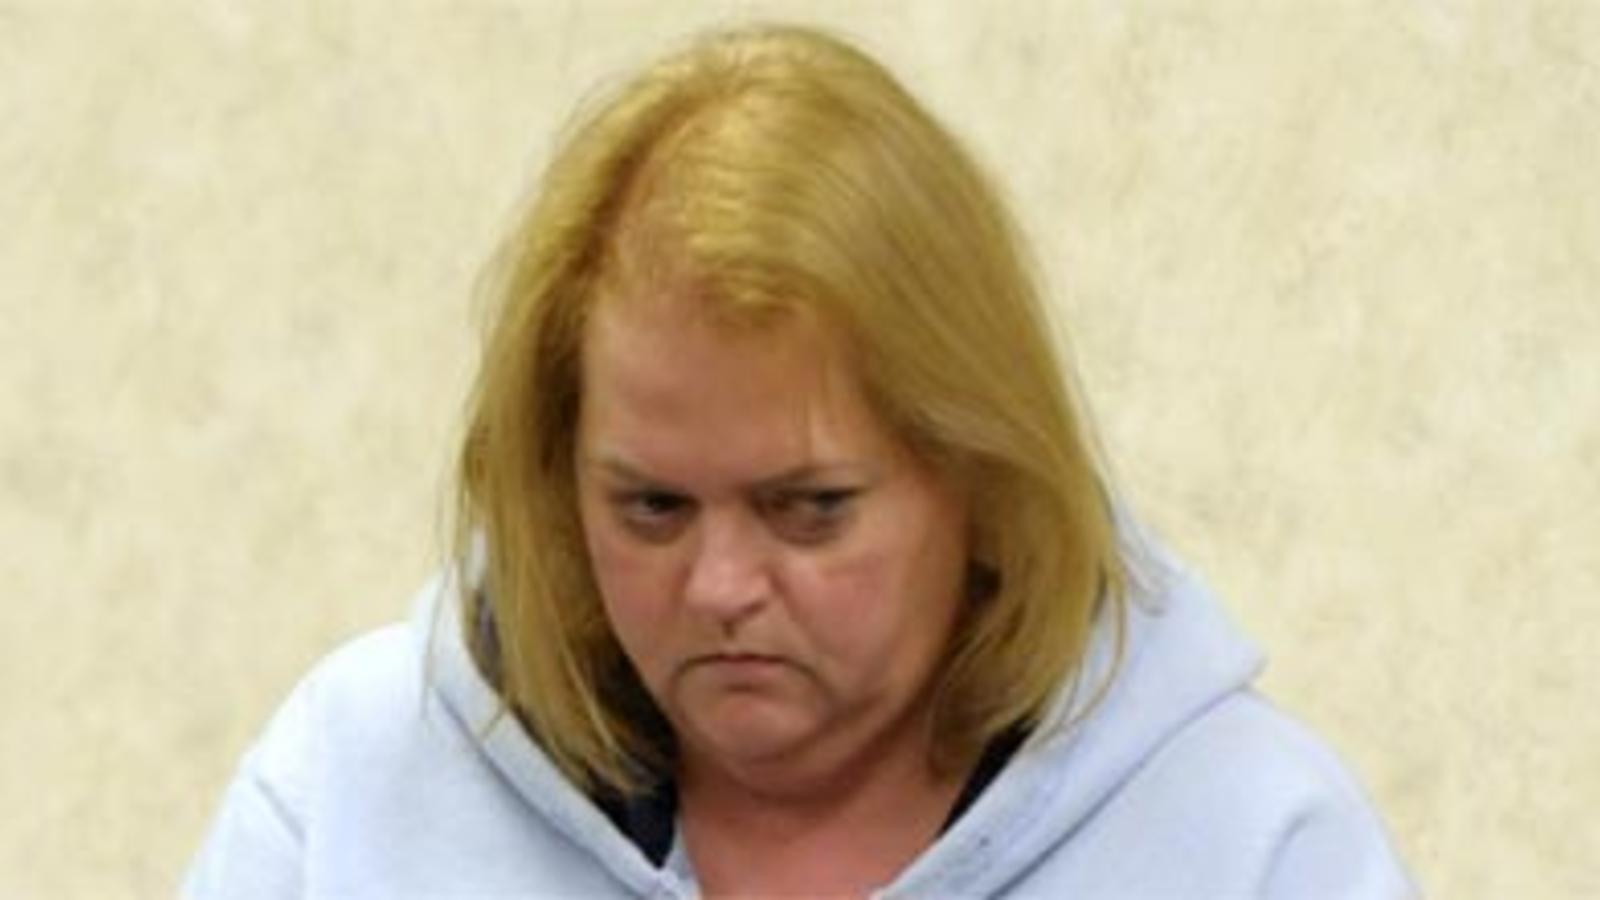 US-Mutter täuschte krebskrankes Kind vor